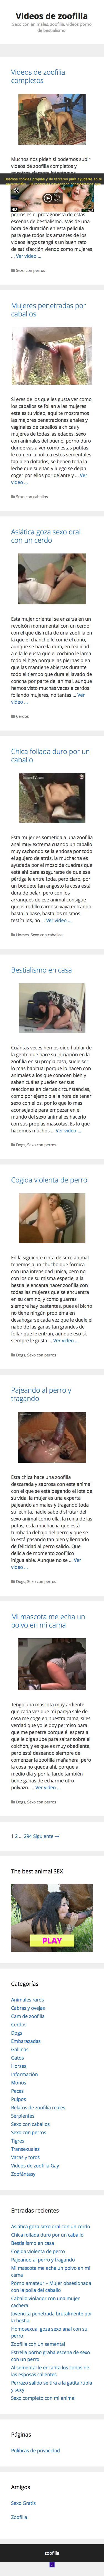 Caballos Follando Con Mujeres Porno Gratis web design example | a page on videoszoofiliaanimal | crayon